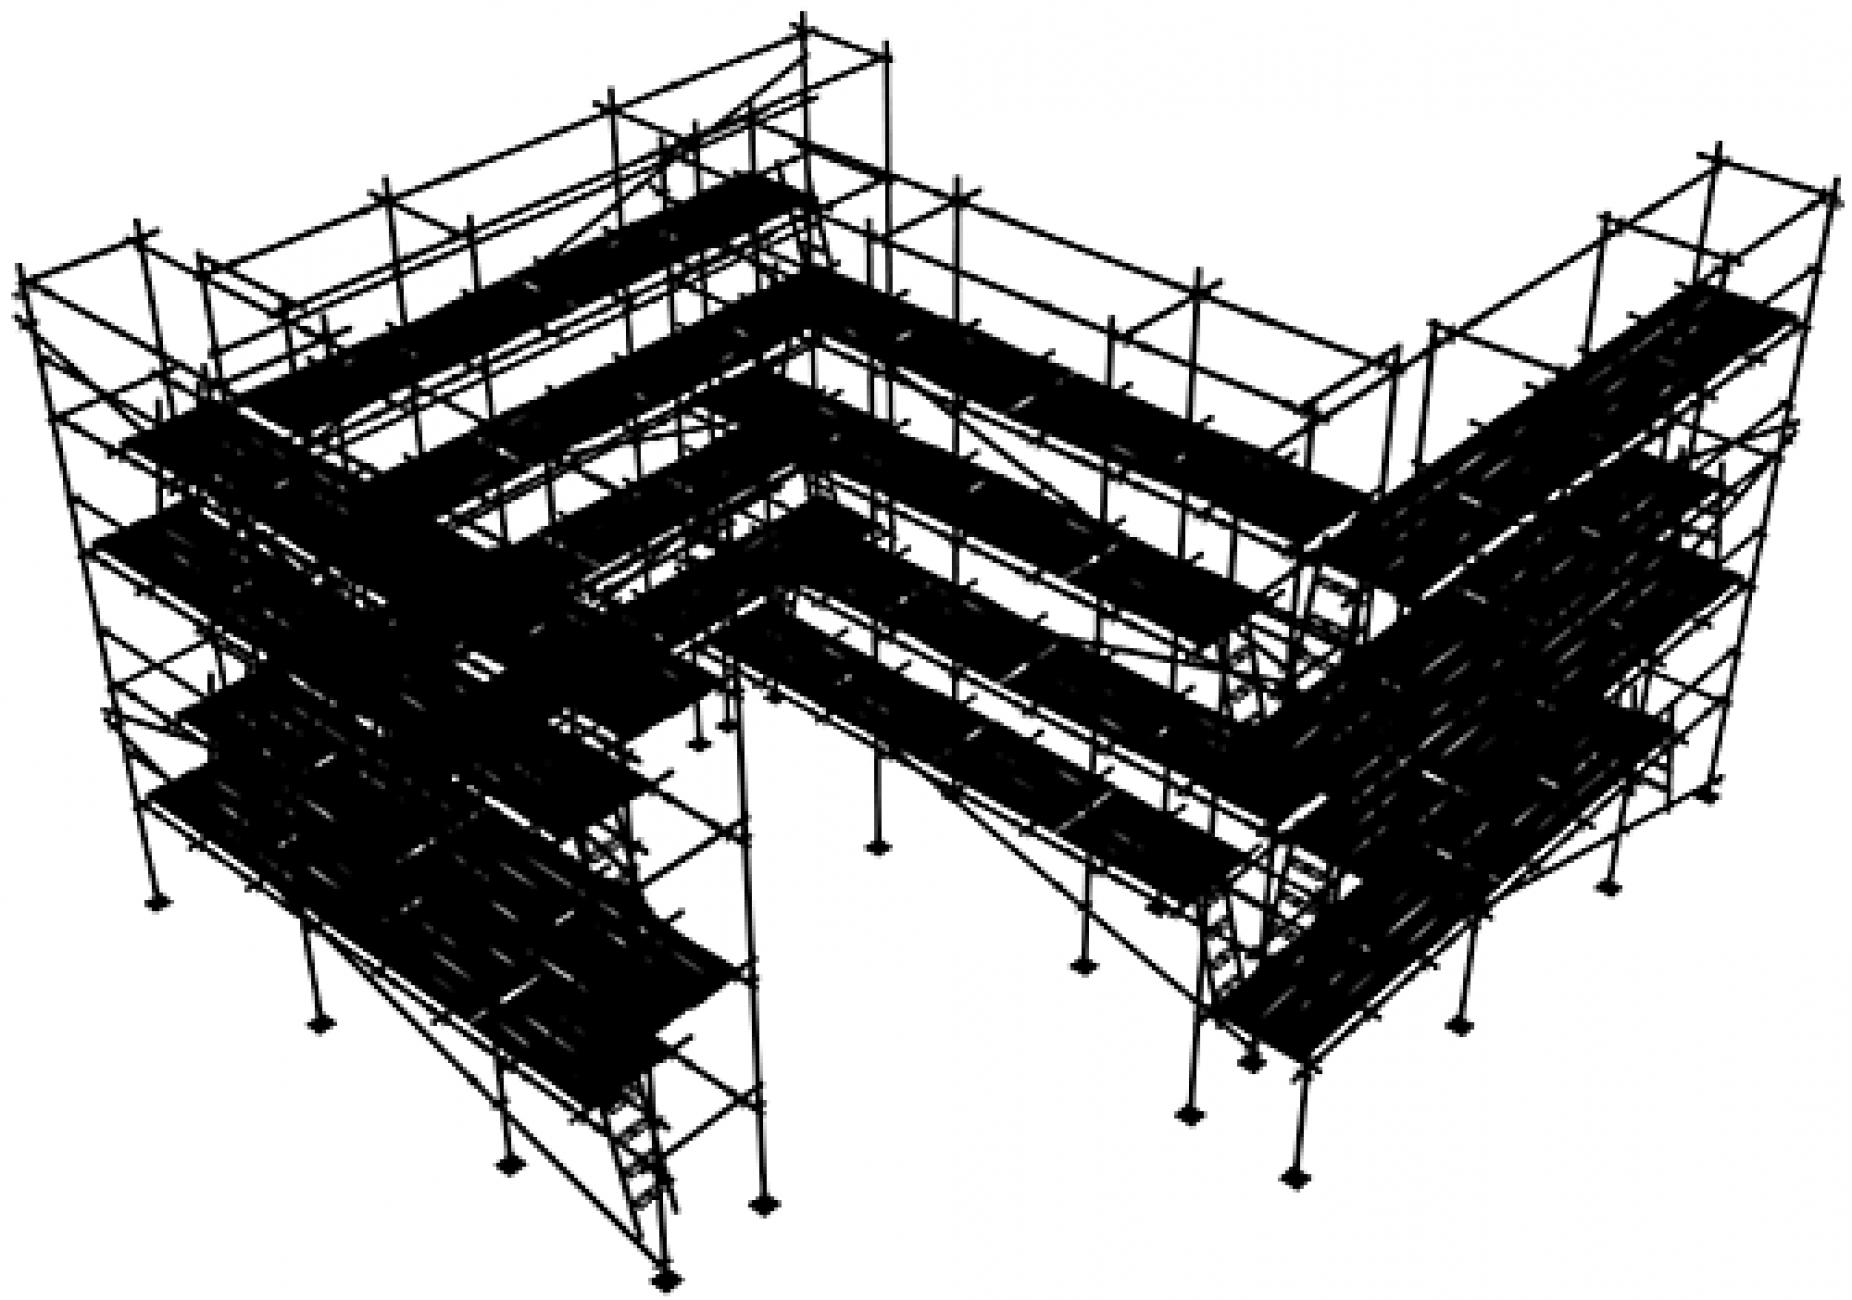 Scaffolding Company in Wallasey